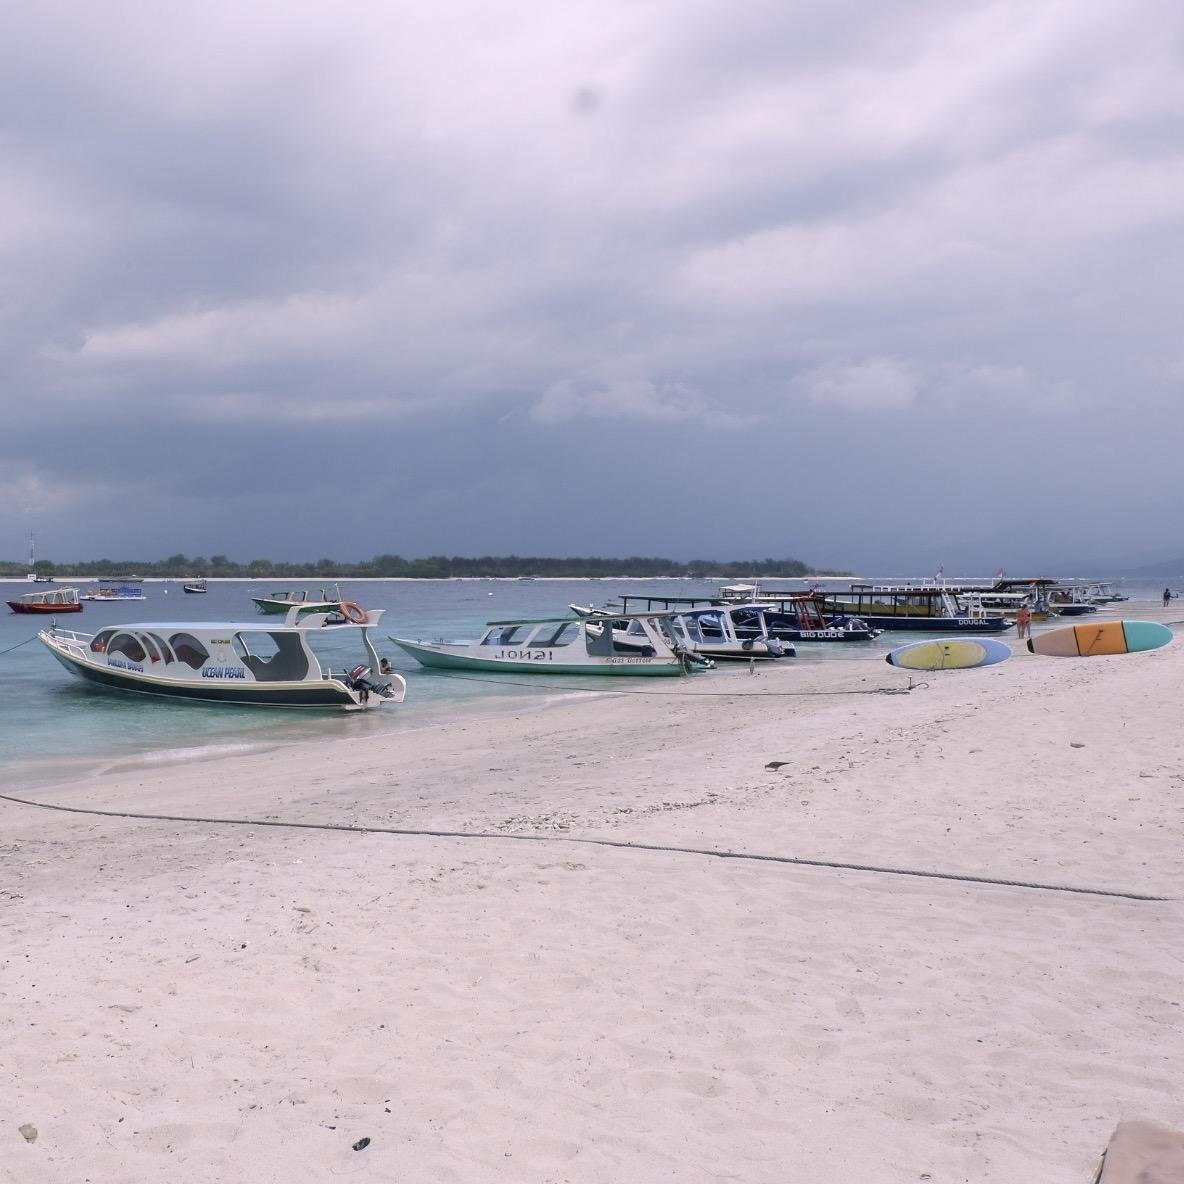 Boat in Gili Trawangan